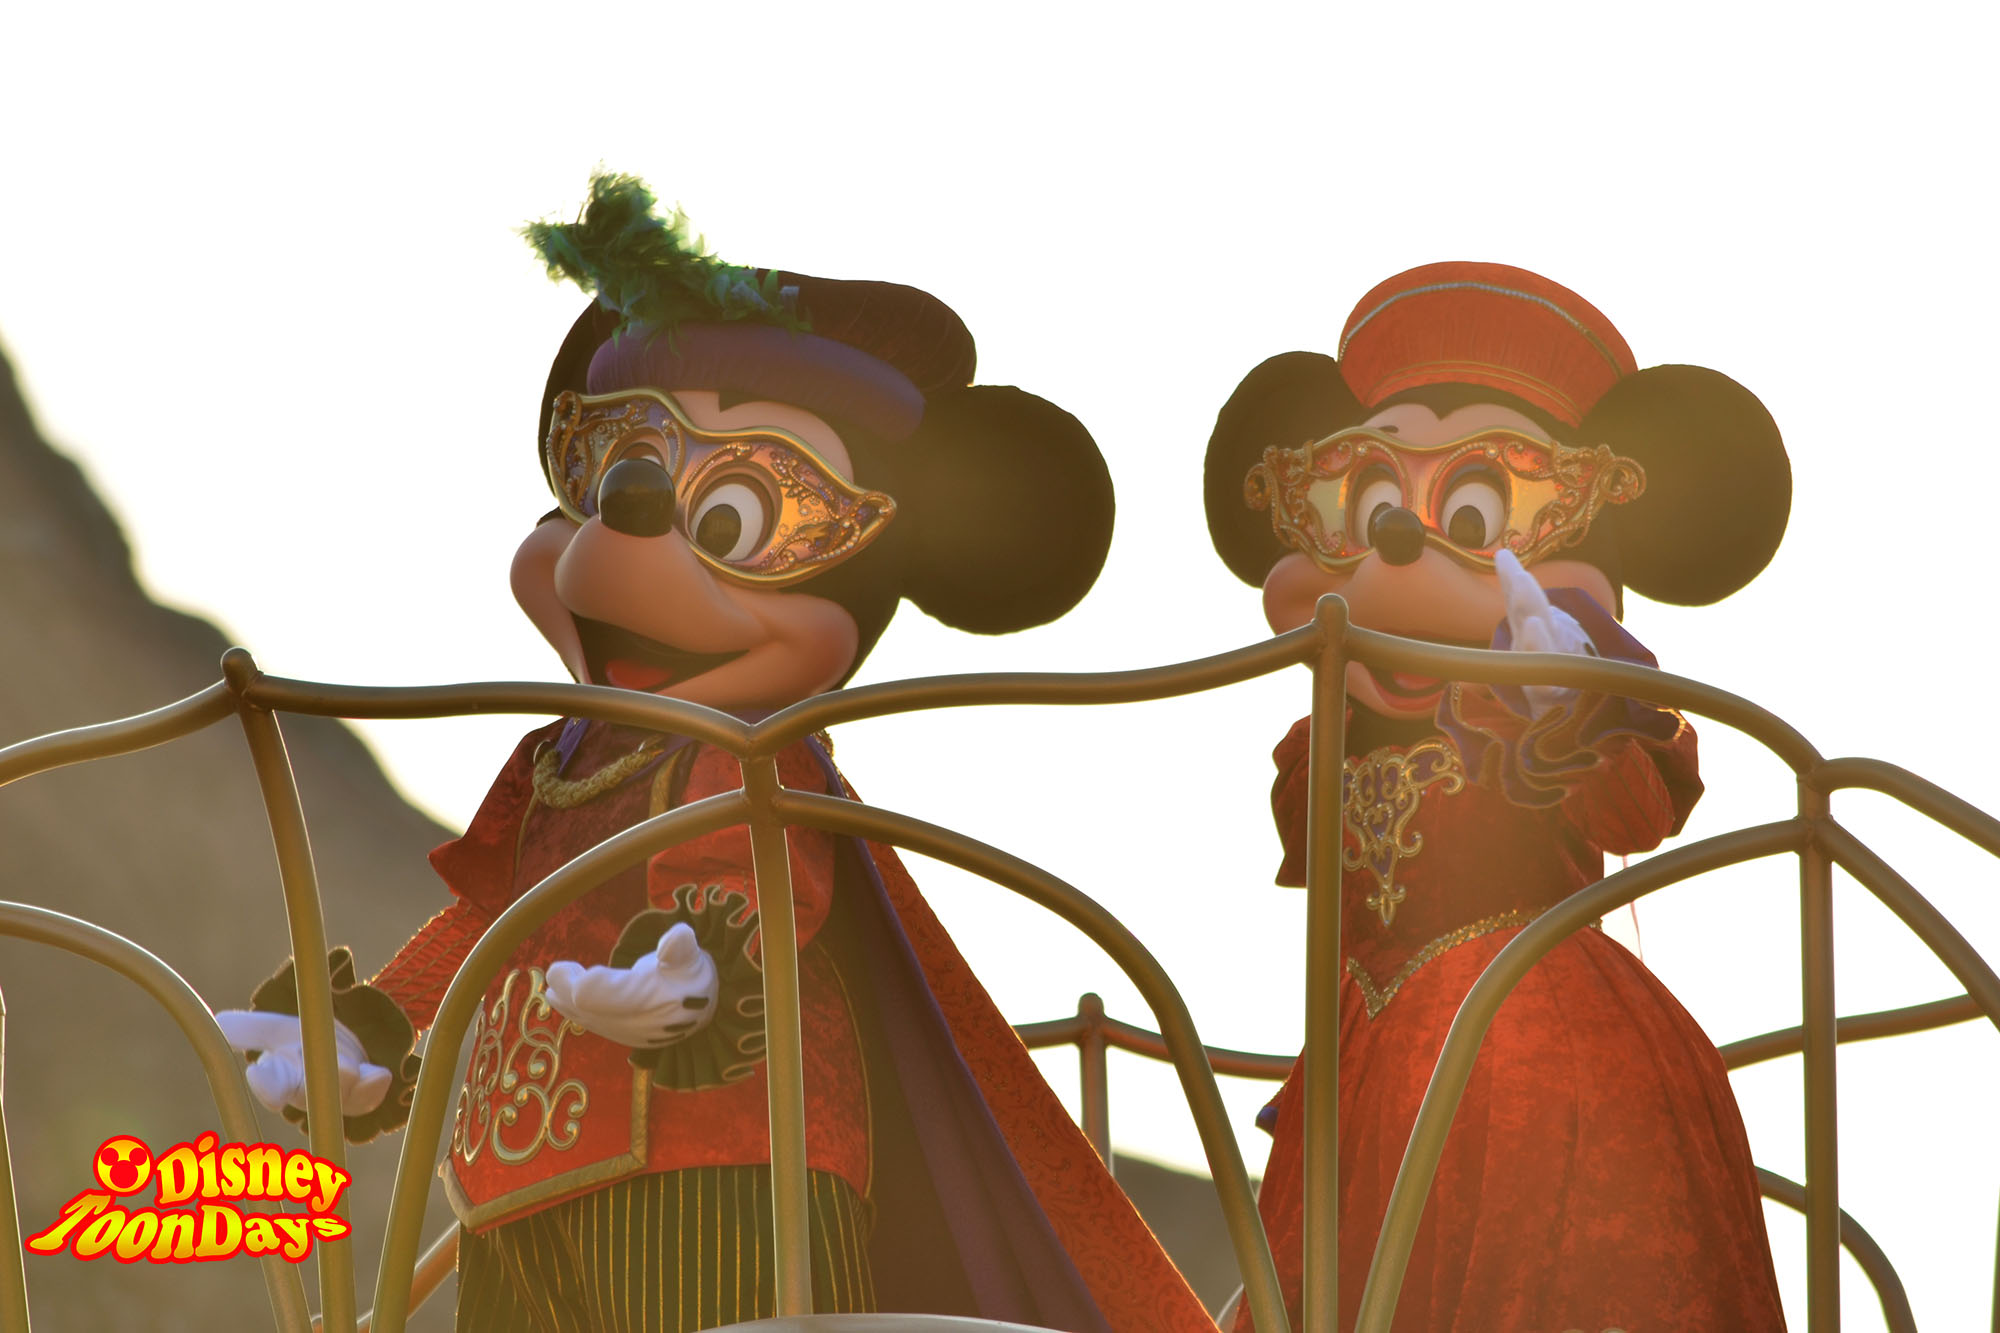 TDS ディズニーハロウィーン2013 ハロウィーンデイドリーム‐スケルトンズ・サプライズ ミッキーマウス ミニーマウス